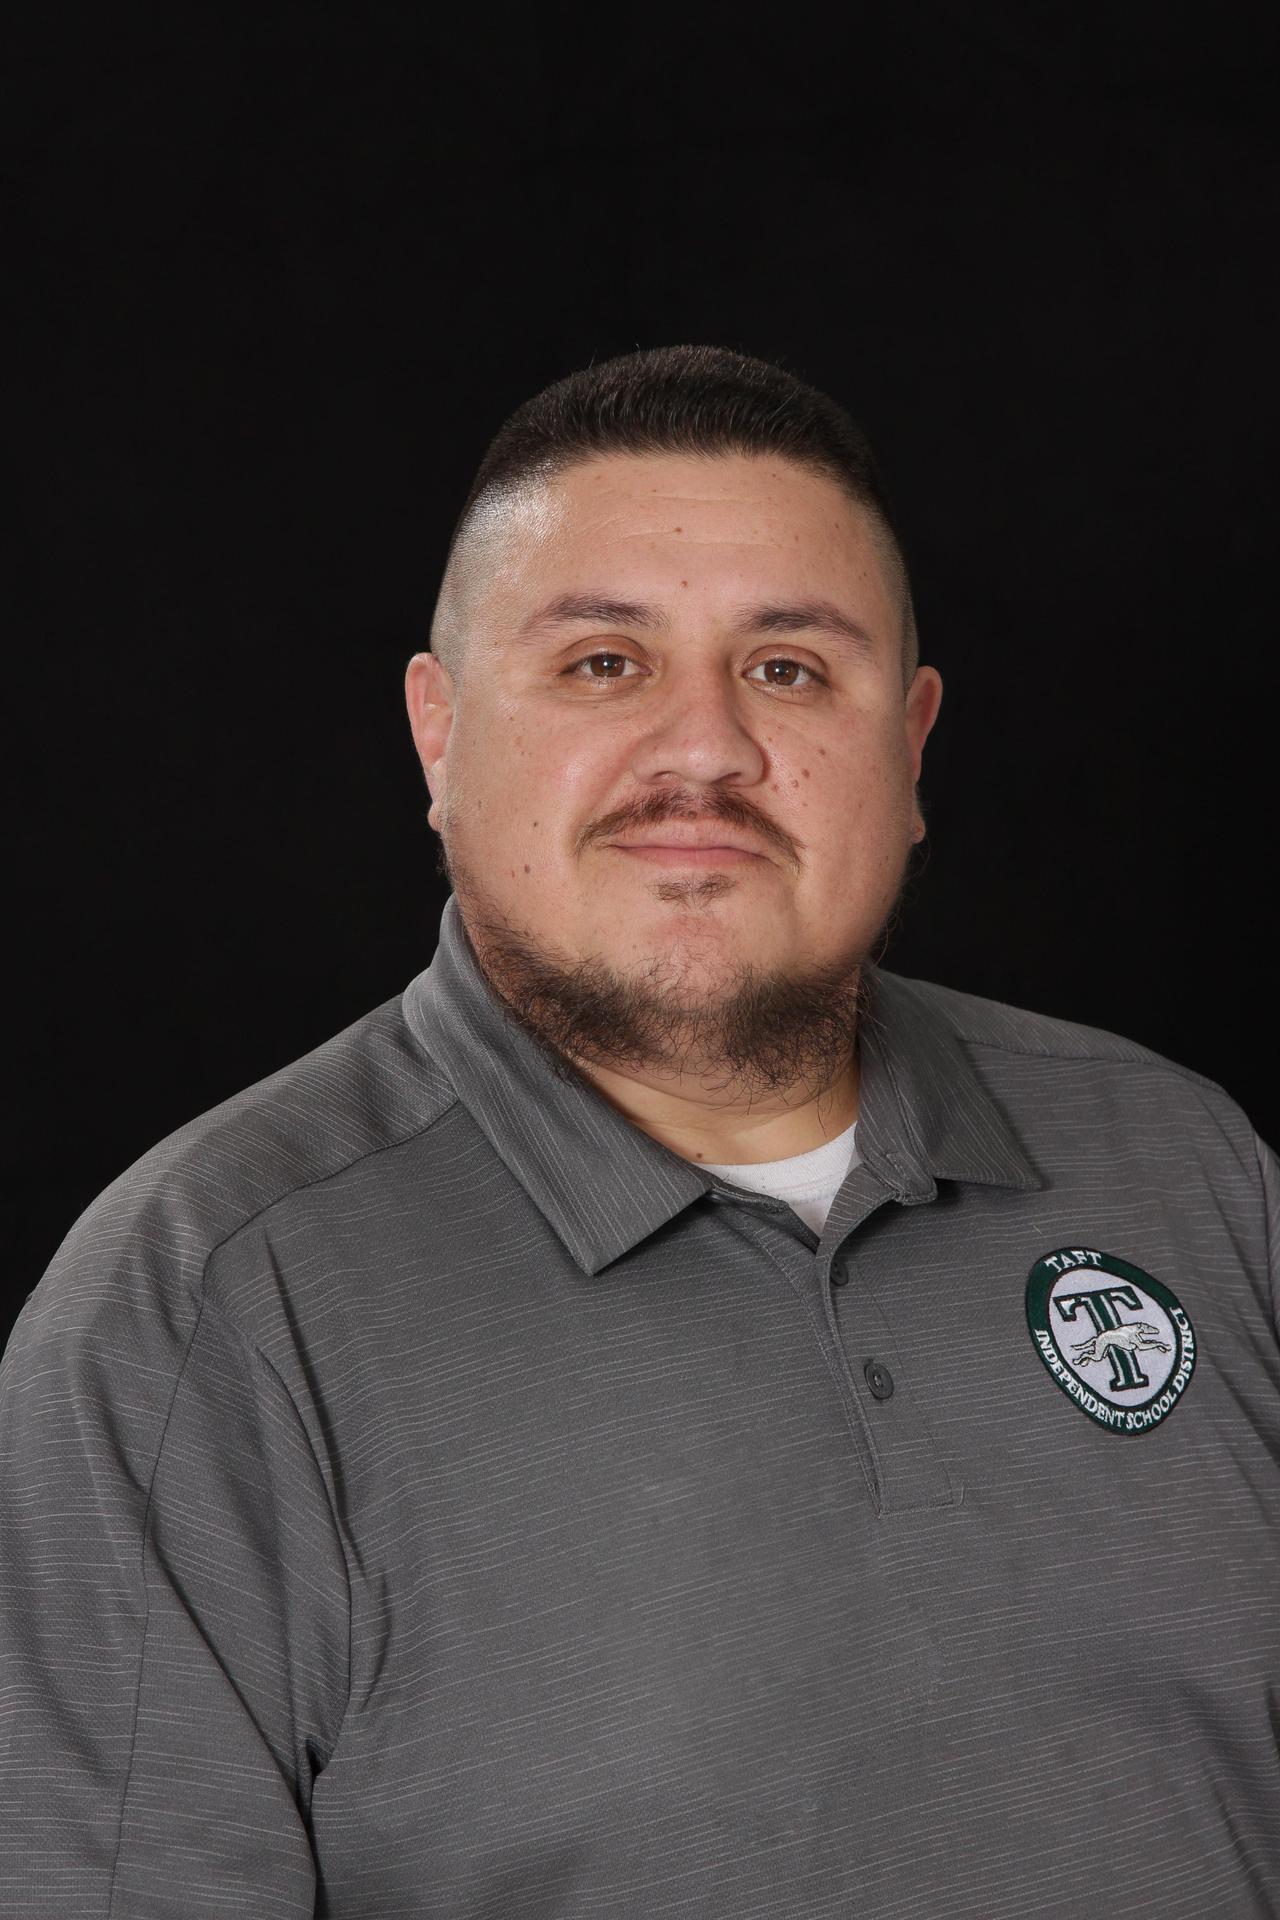 Trustee - Paul Luis Trevino